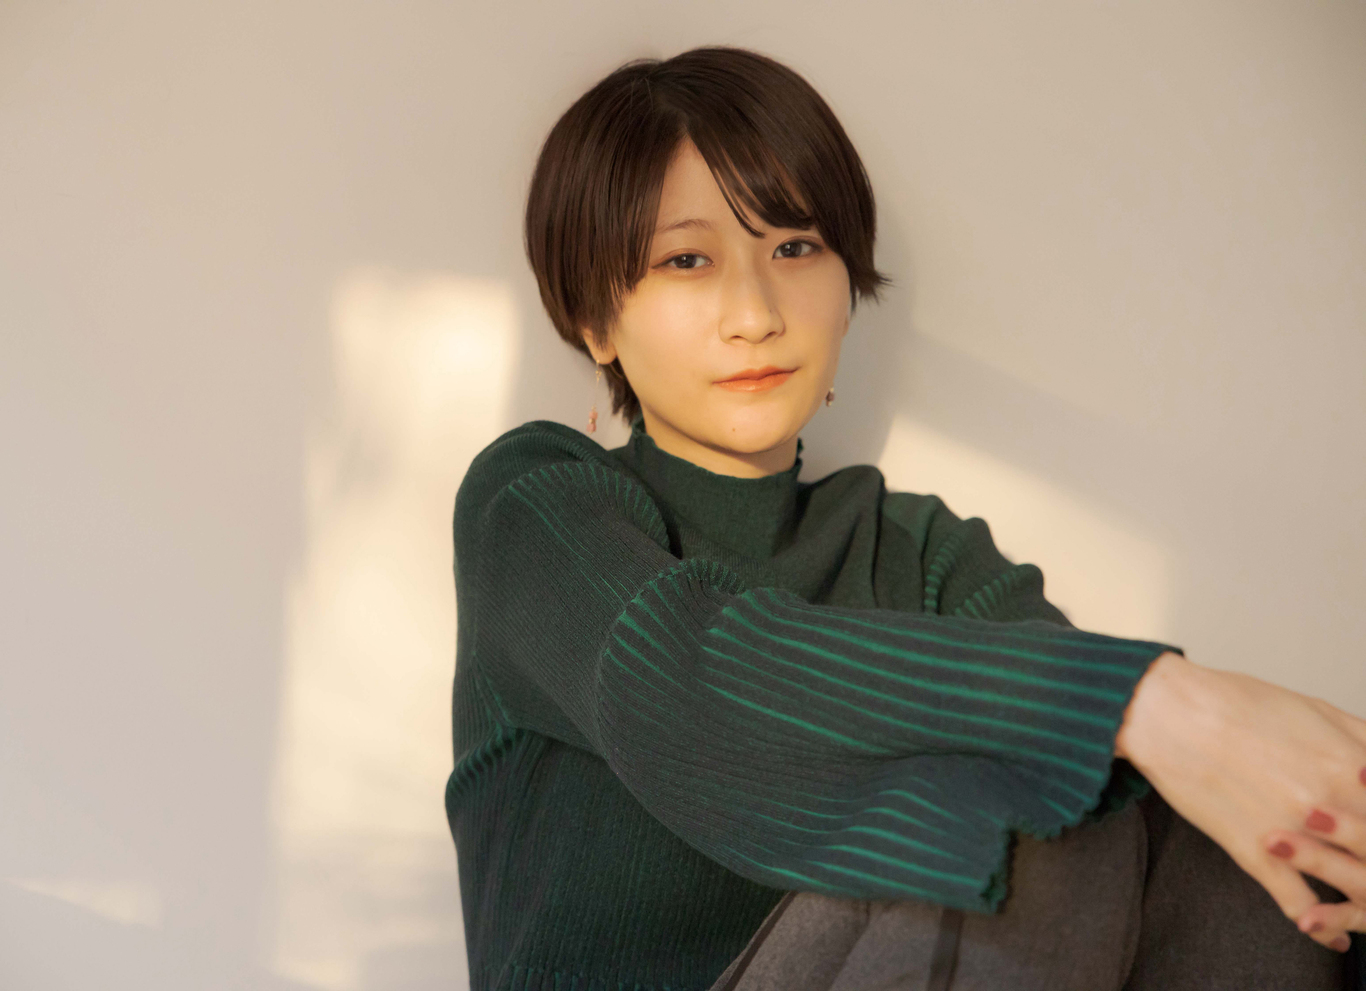 Kodama Ameko